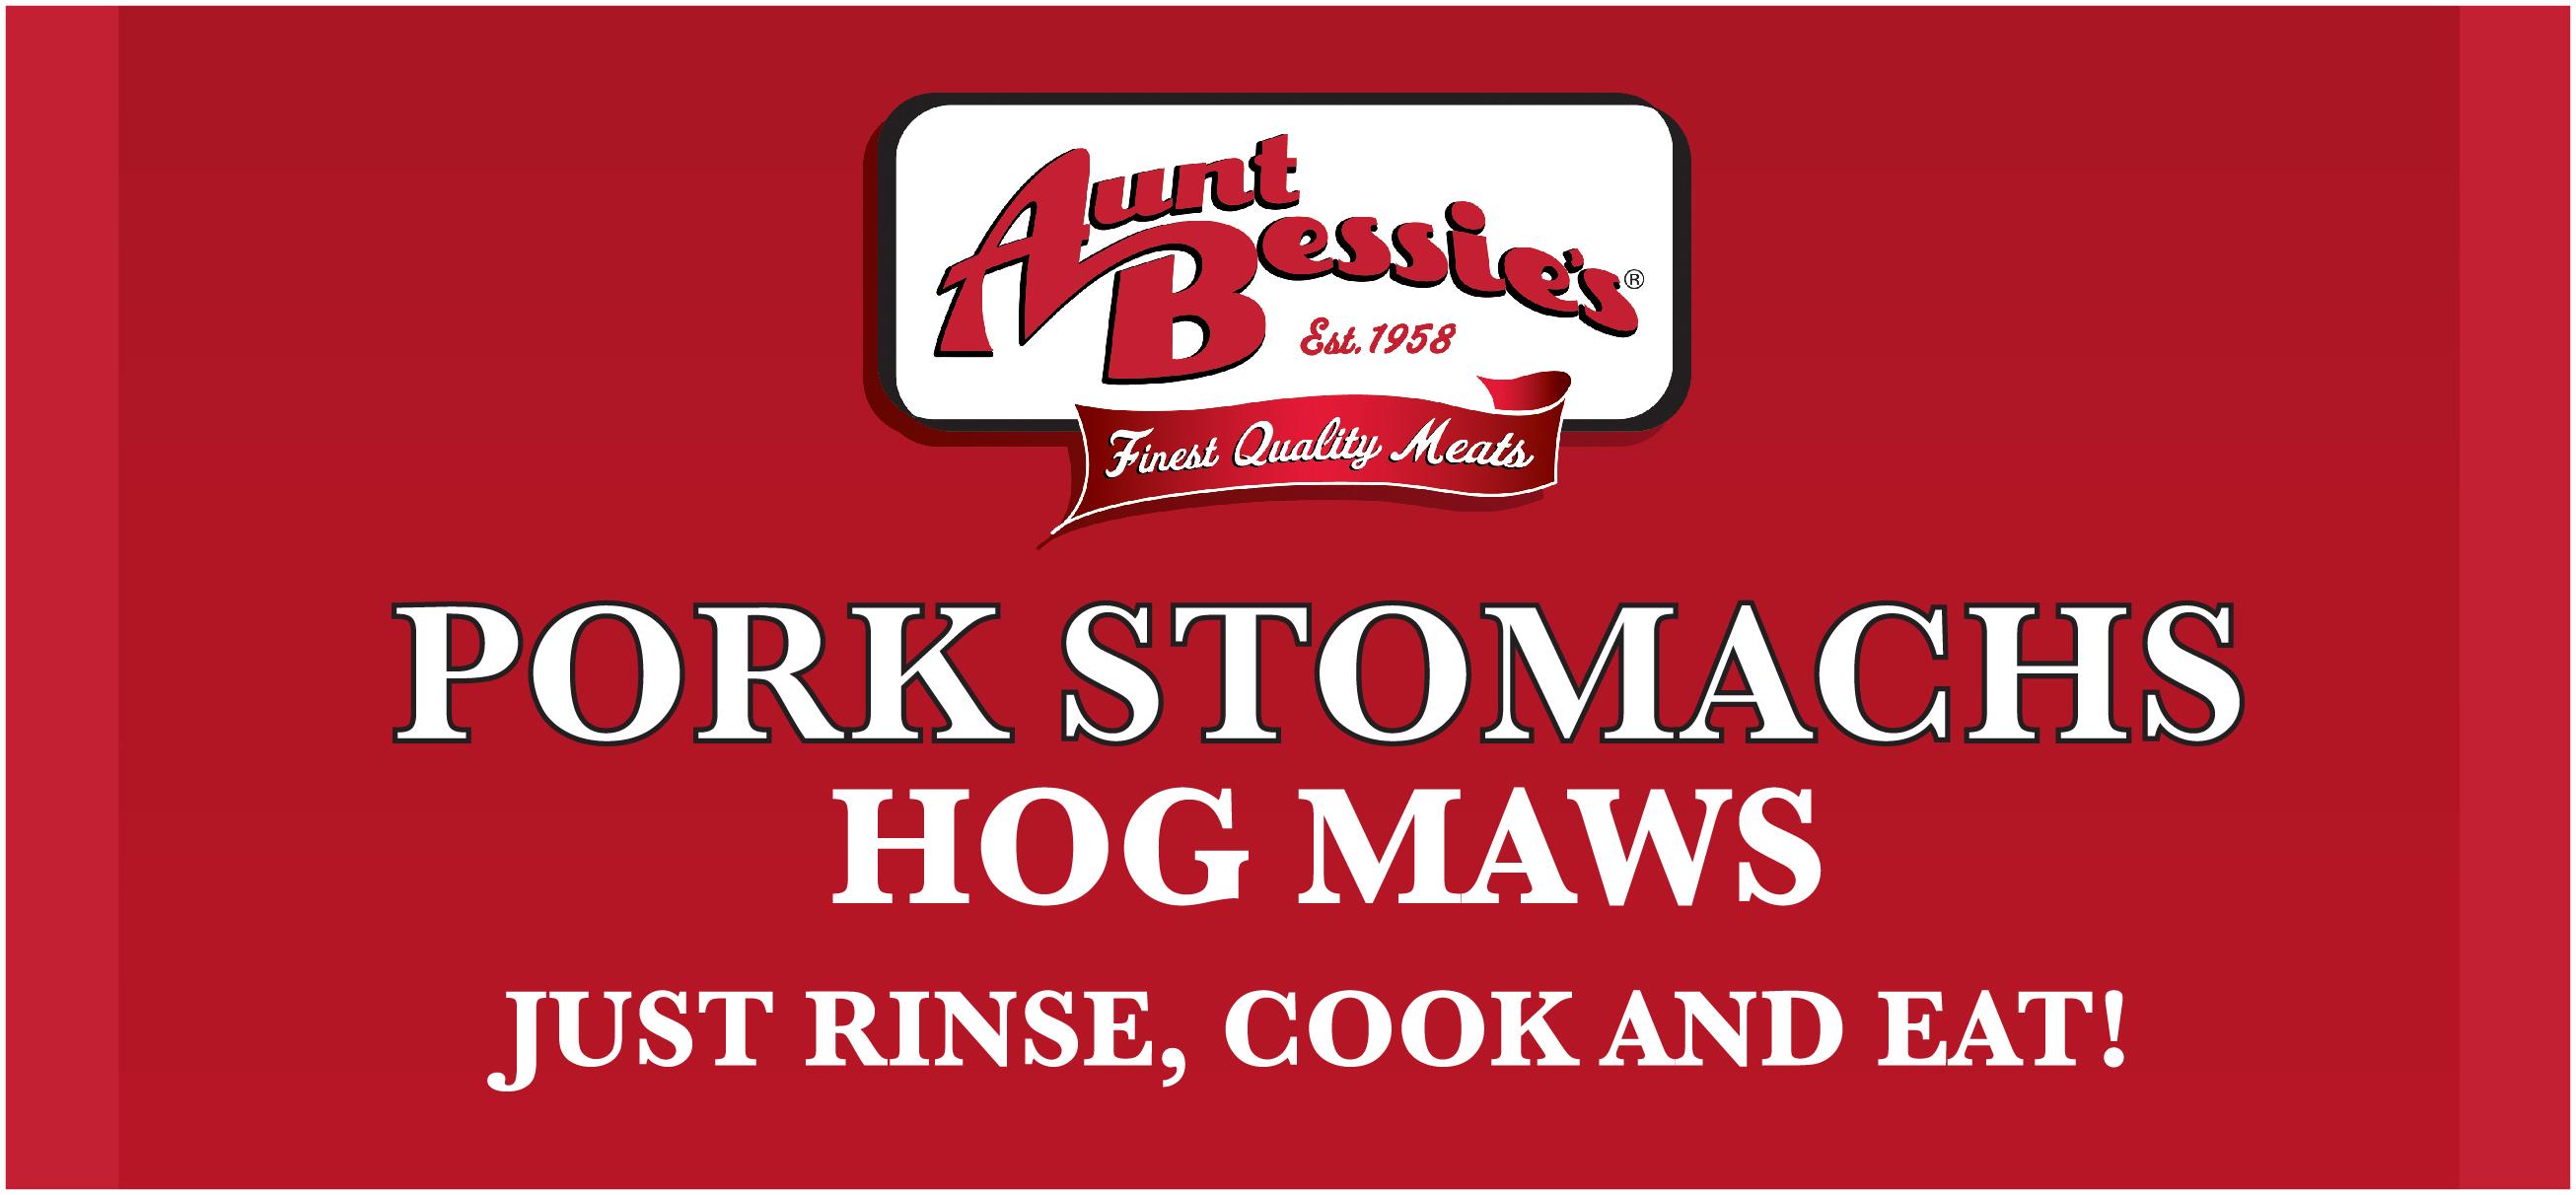 Aunt Bessie's Pork Stomachs